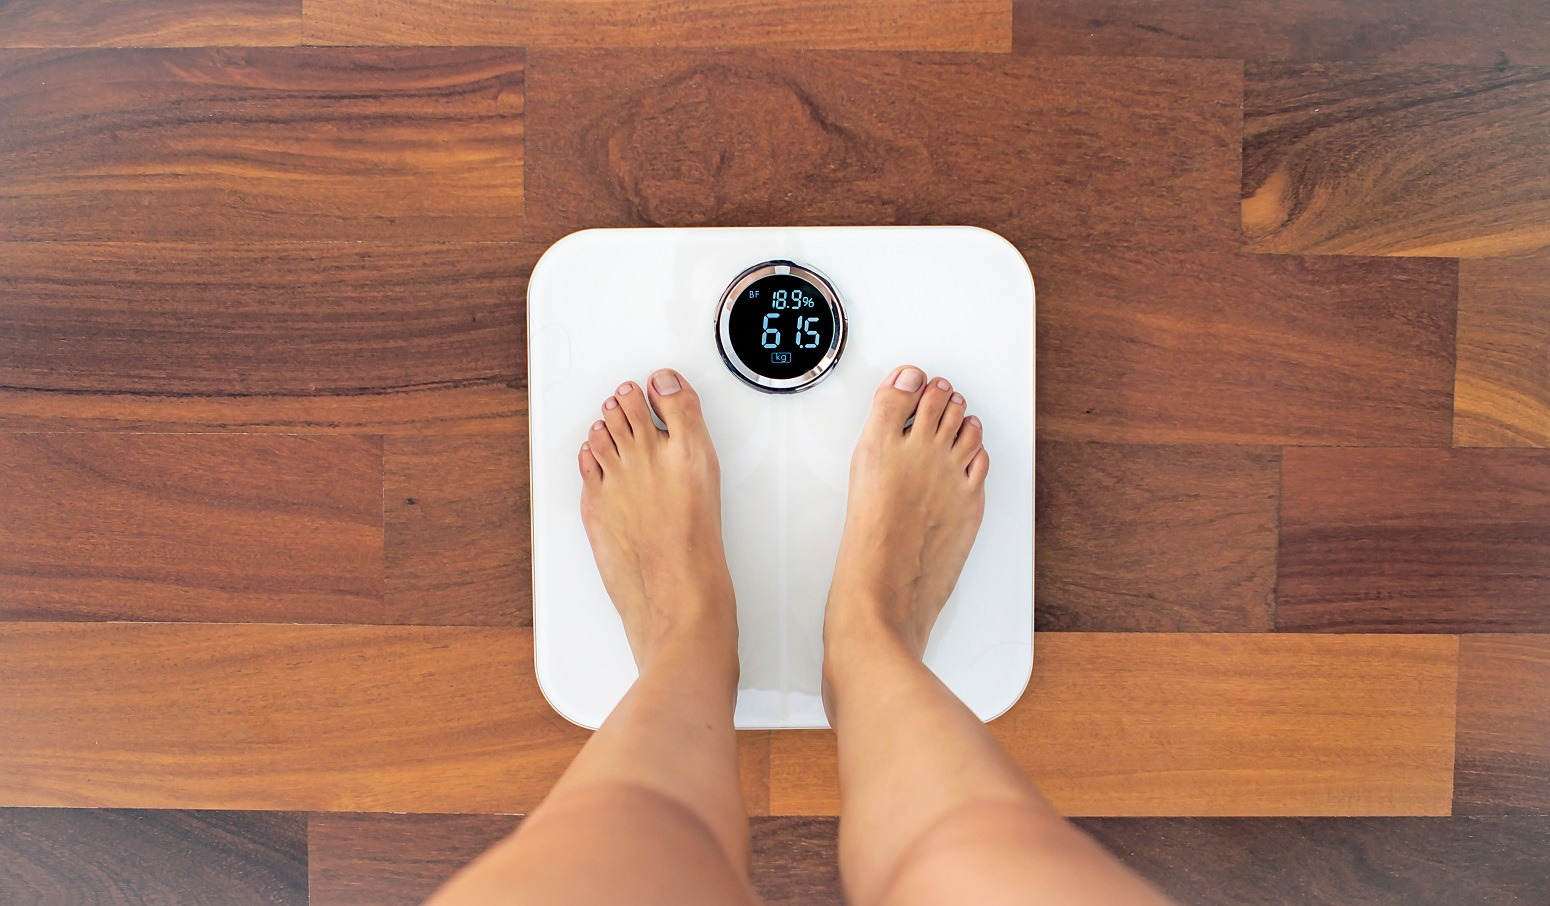 pierdere în greutate înainte de concepție pierdere de greutate tabelul